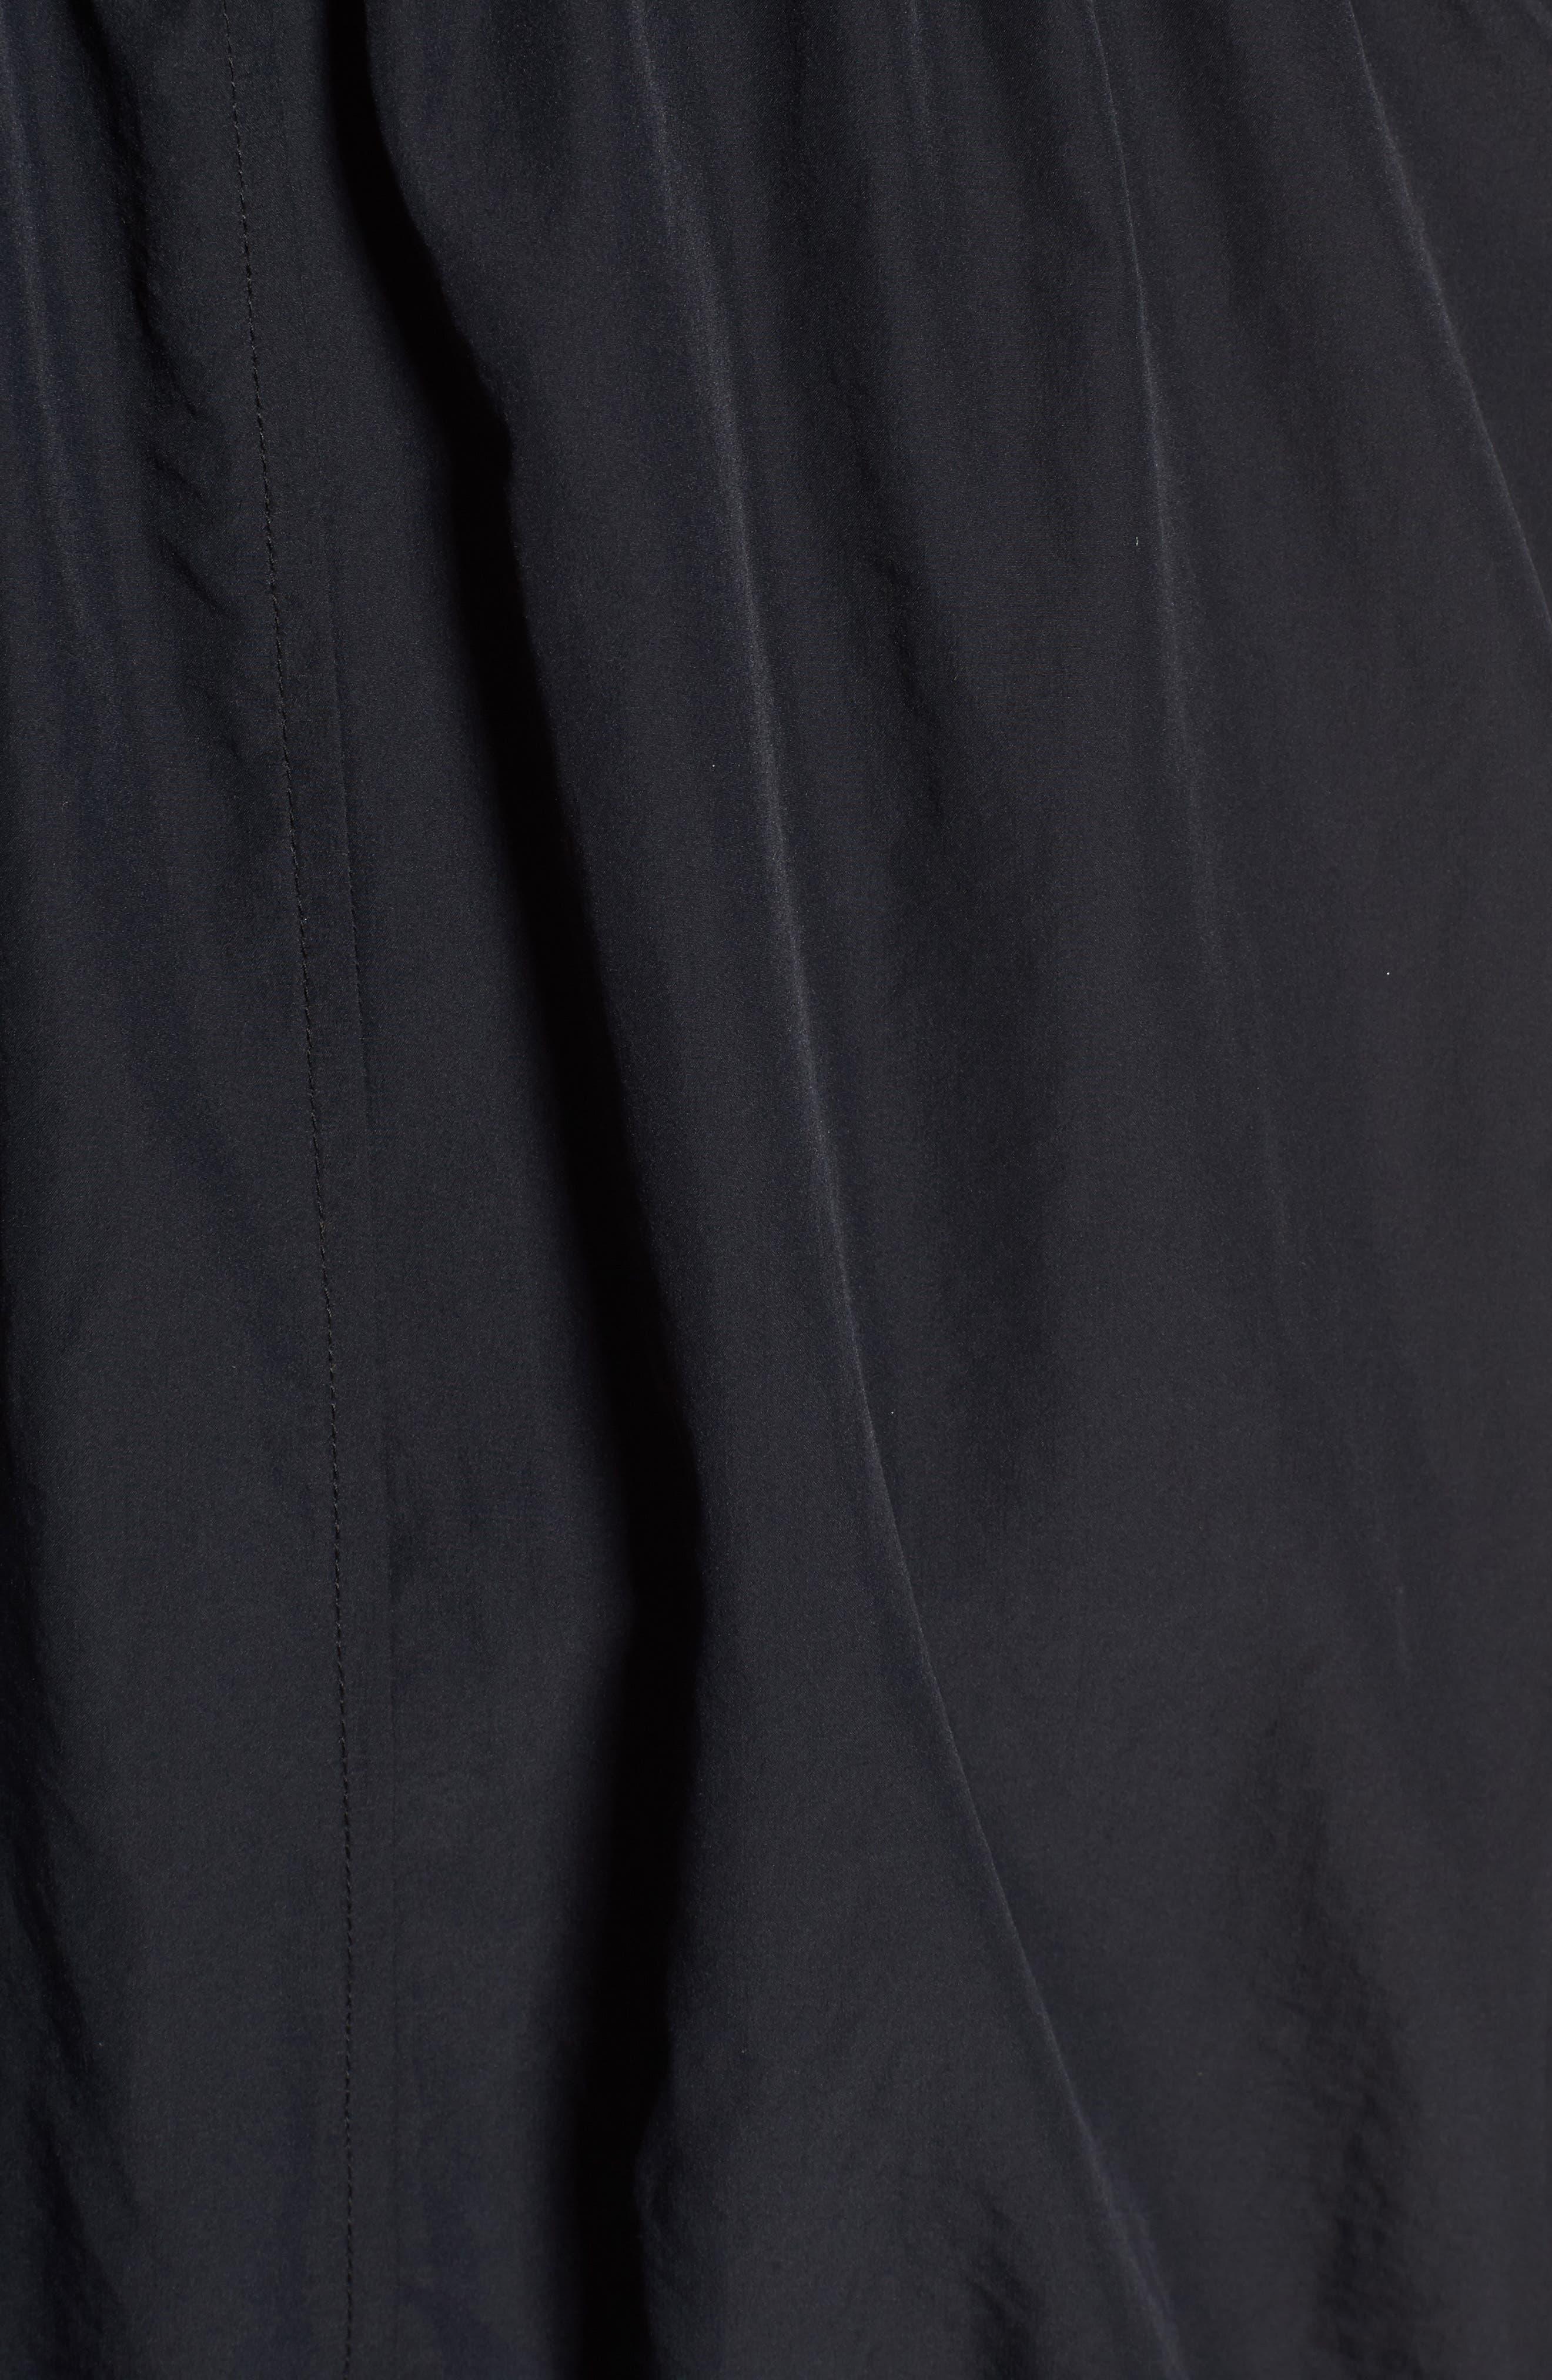 Tumbled Anorak Jacket,                             Alternate thumbnail 6, color,                             Black